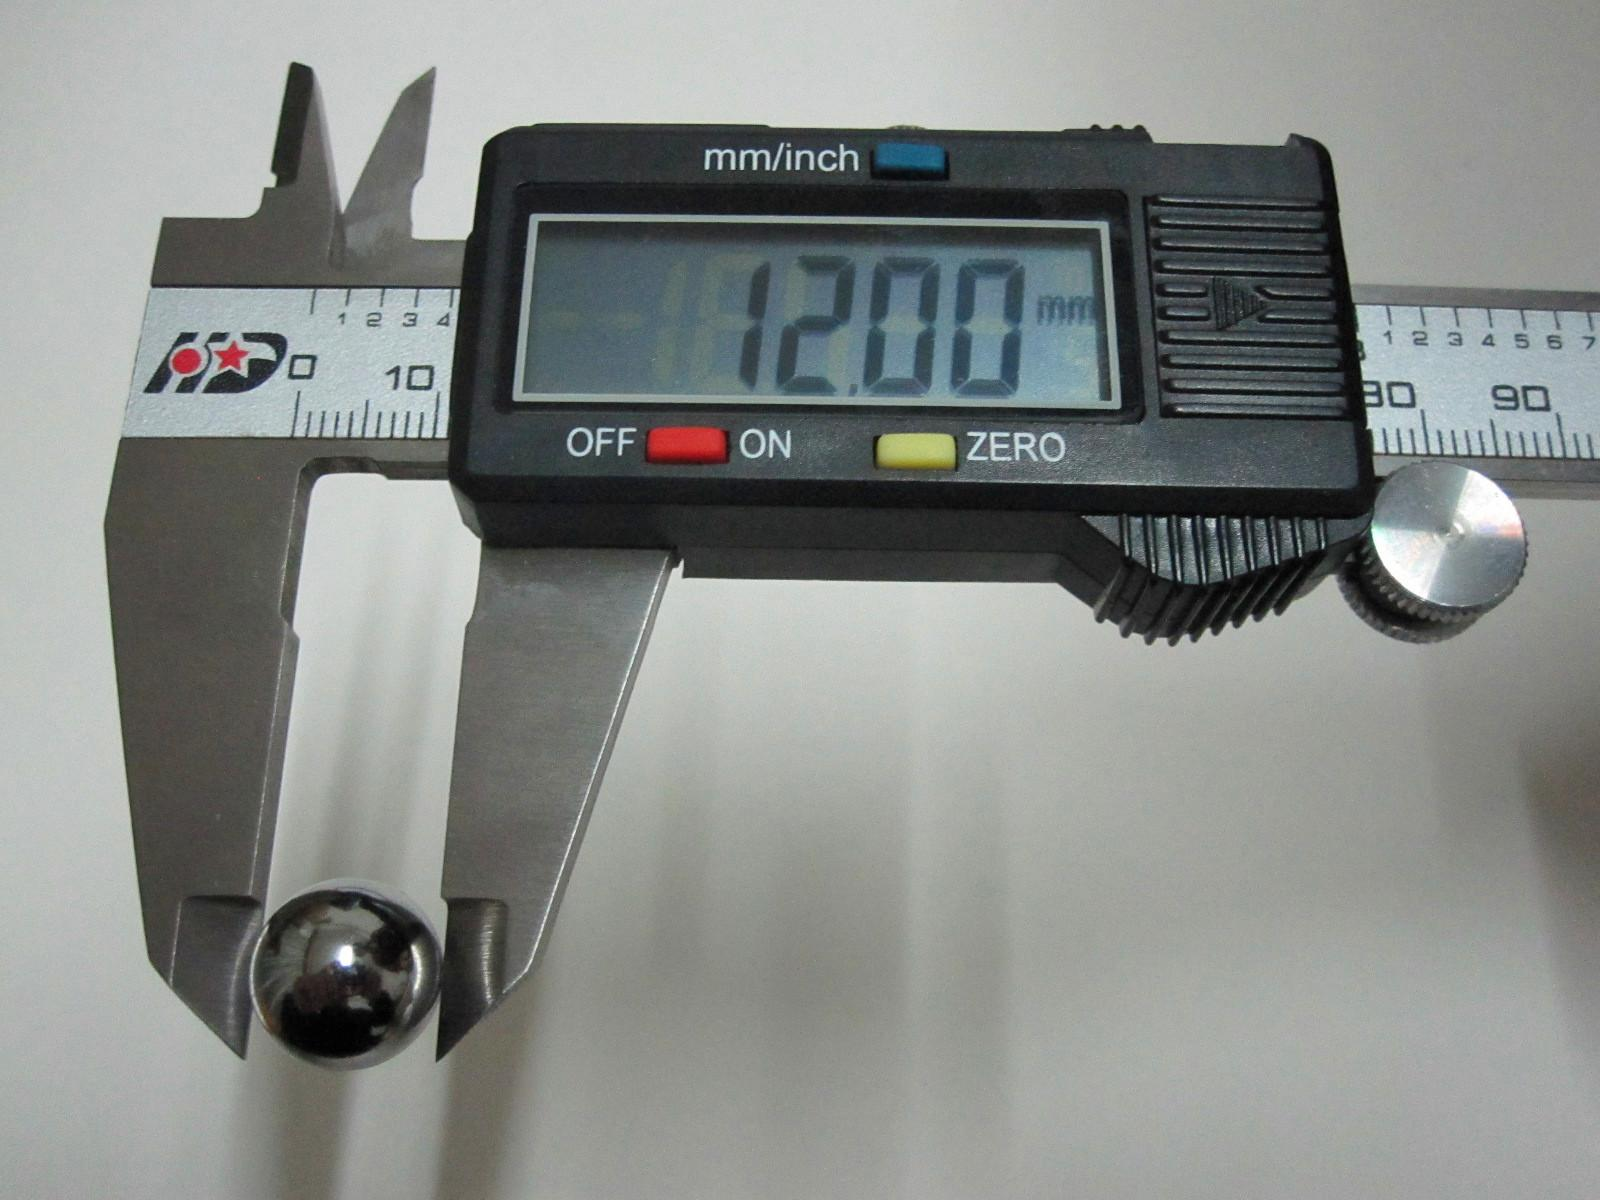 Diámetro de la bola de acero de la bola del rodamiento de bolitas de acero cromado de 12mm 12mm 10pcs / set Precisión: G10-Grado